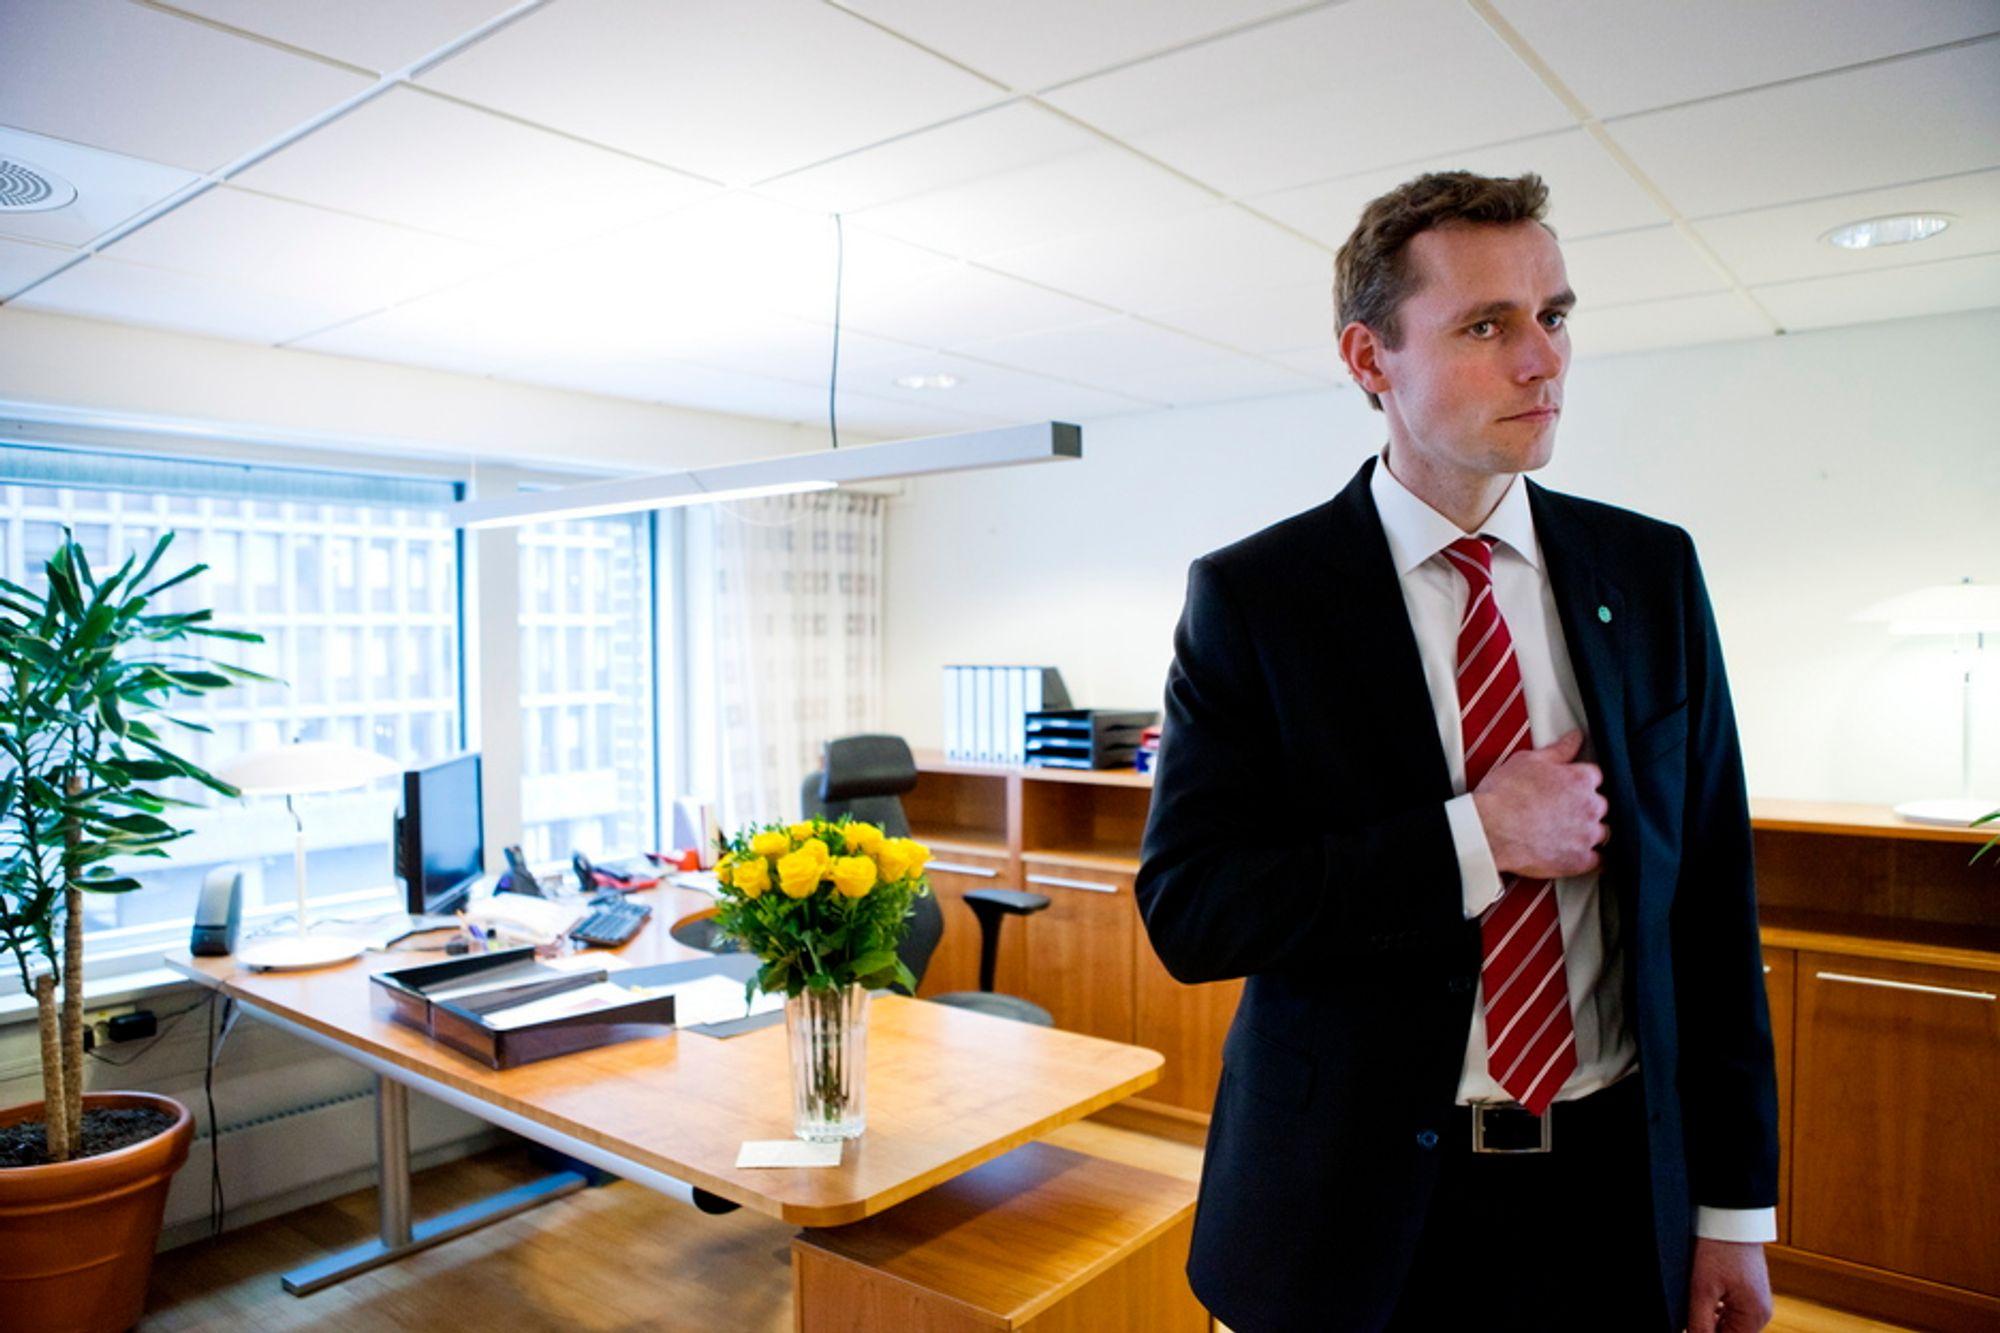 VANN IKKE VIND: Ola Borten Moe er ikke enig med sin forgjenger Riis-Johansen i at havvind kan bli framtidens industrieventyr. Han vil heller ha mer vannkraft.